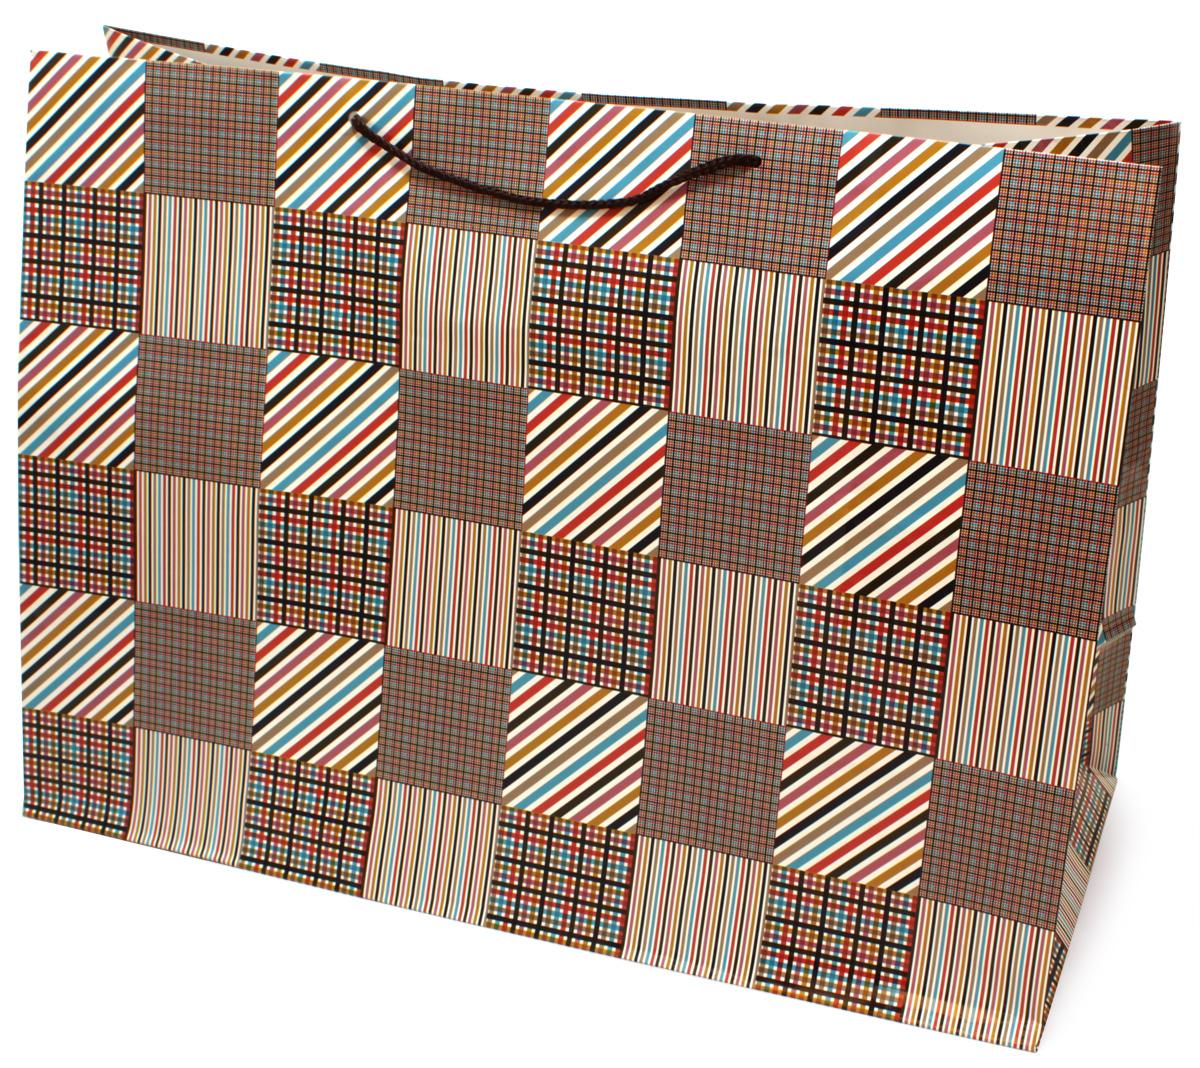 Пакет подарочный МегаМАГ Mix. Клетка, 56 х 41 х 24 см. 924/925 XXLH924/925 XXLHПодарочный пакет МегаМАГ, изготовленный из плотной ламинированной бумаги, станет незаменимым дополнением к выбранному подарку. Для удобной переноски на пакете имеются ручки-шнурки. Подарок, преподнесенный в оригинальной упаковке, всегда будет самым эффектным и запоминающимся. Окружите близких людей вниманием и заботой, вручив презент в нарядном, праздничном оформлении.